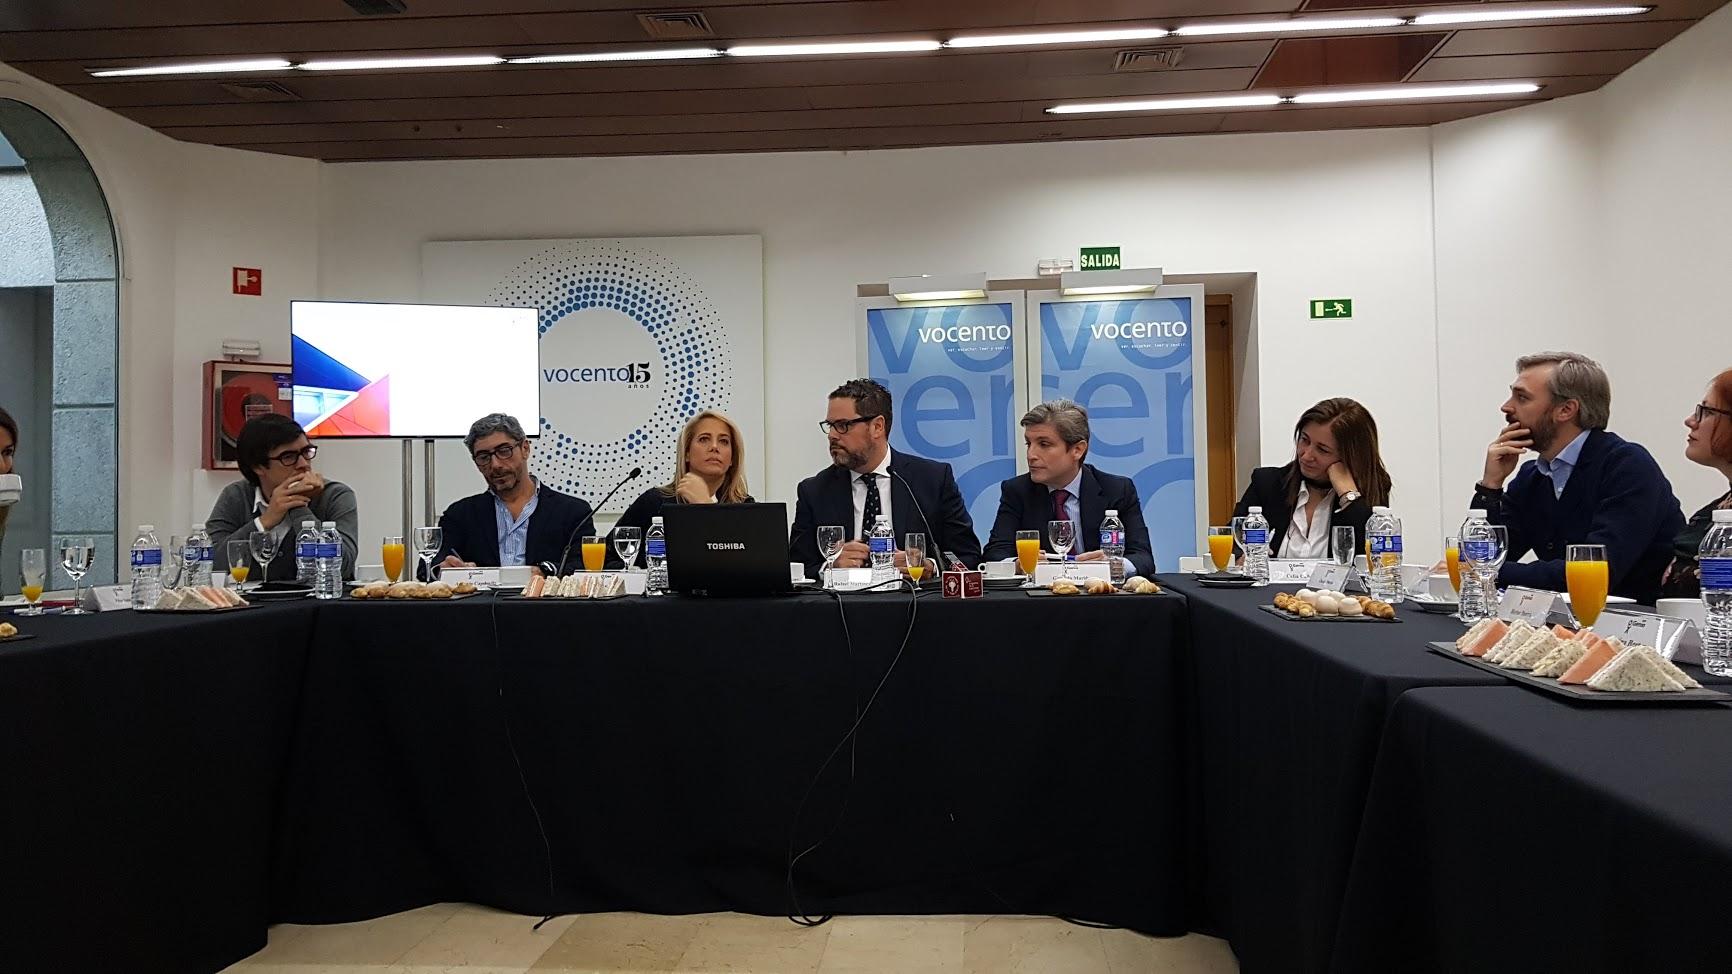 La XI edición de los Premios Genio llega a Málaga el 15 y 16 de marzo para celebrar la innovación desde la cultura